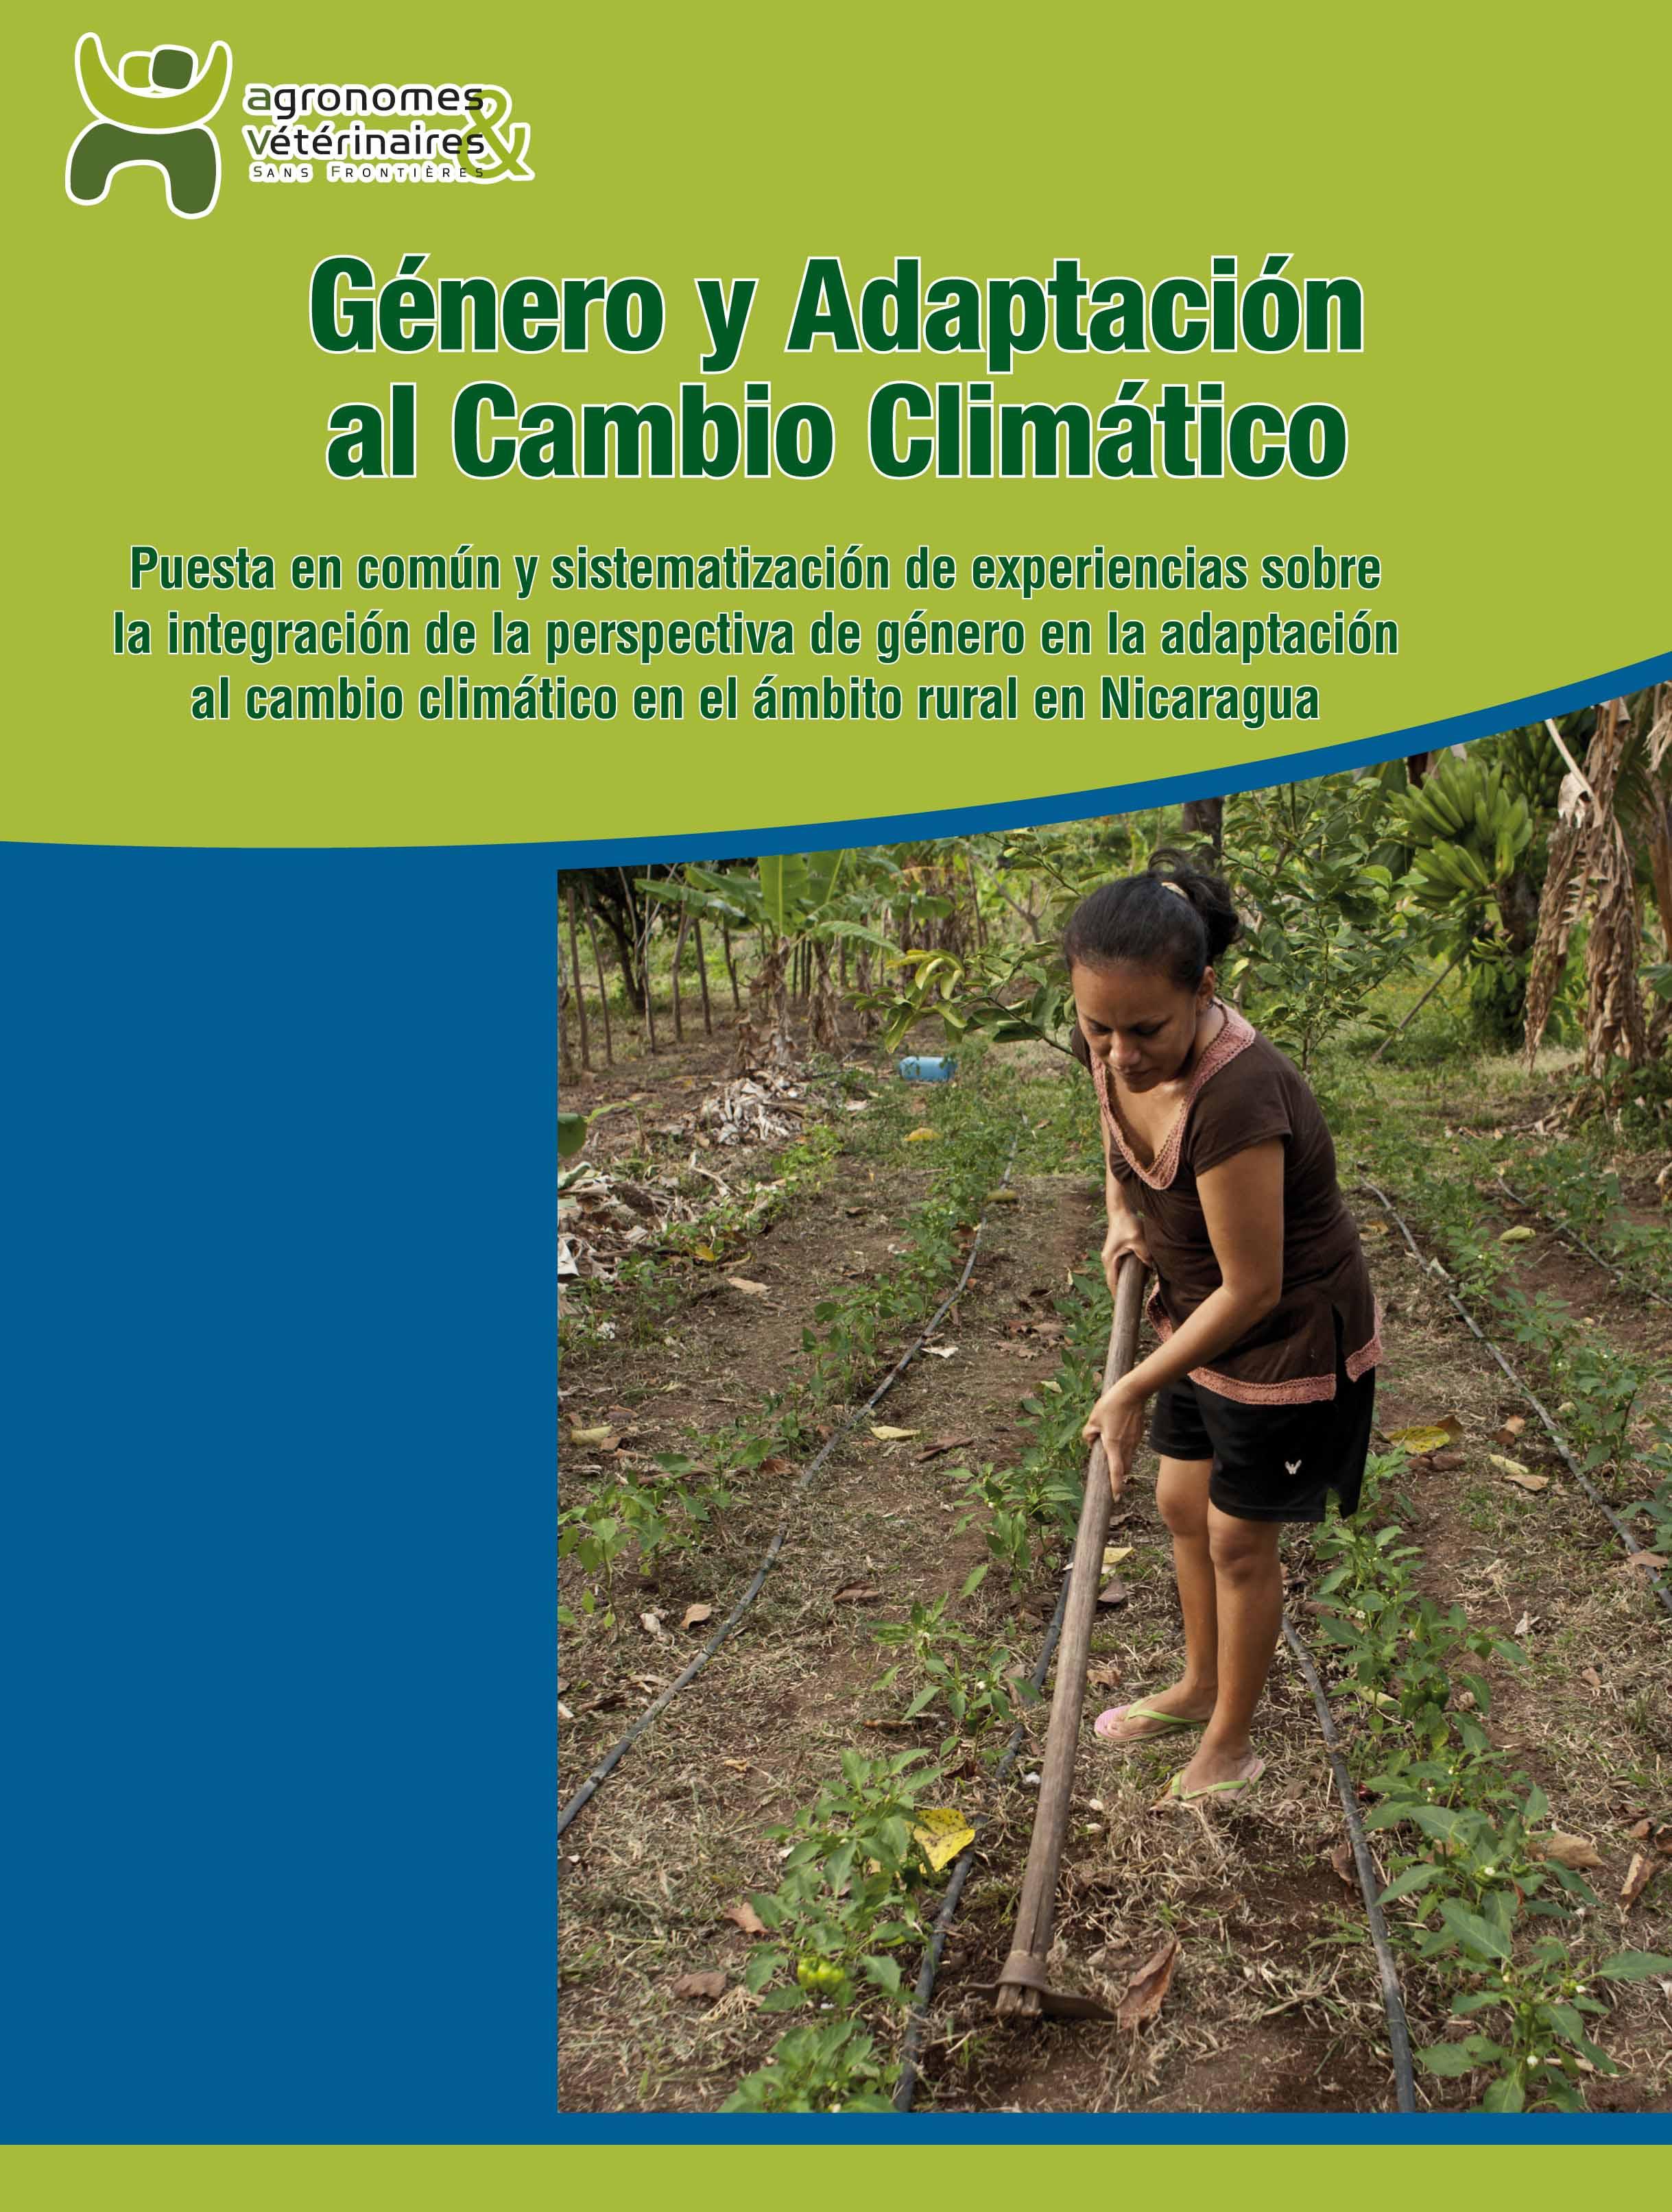 Género y Adaptación al Cambio Climático en Nicaragua Image principale